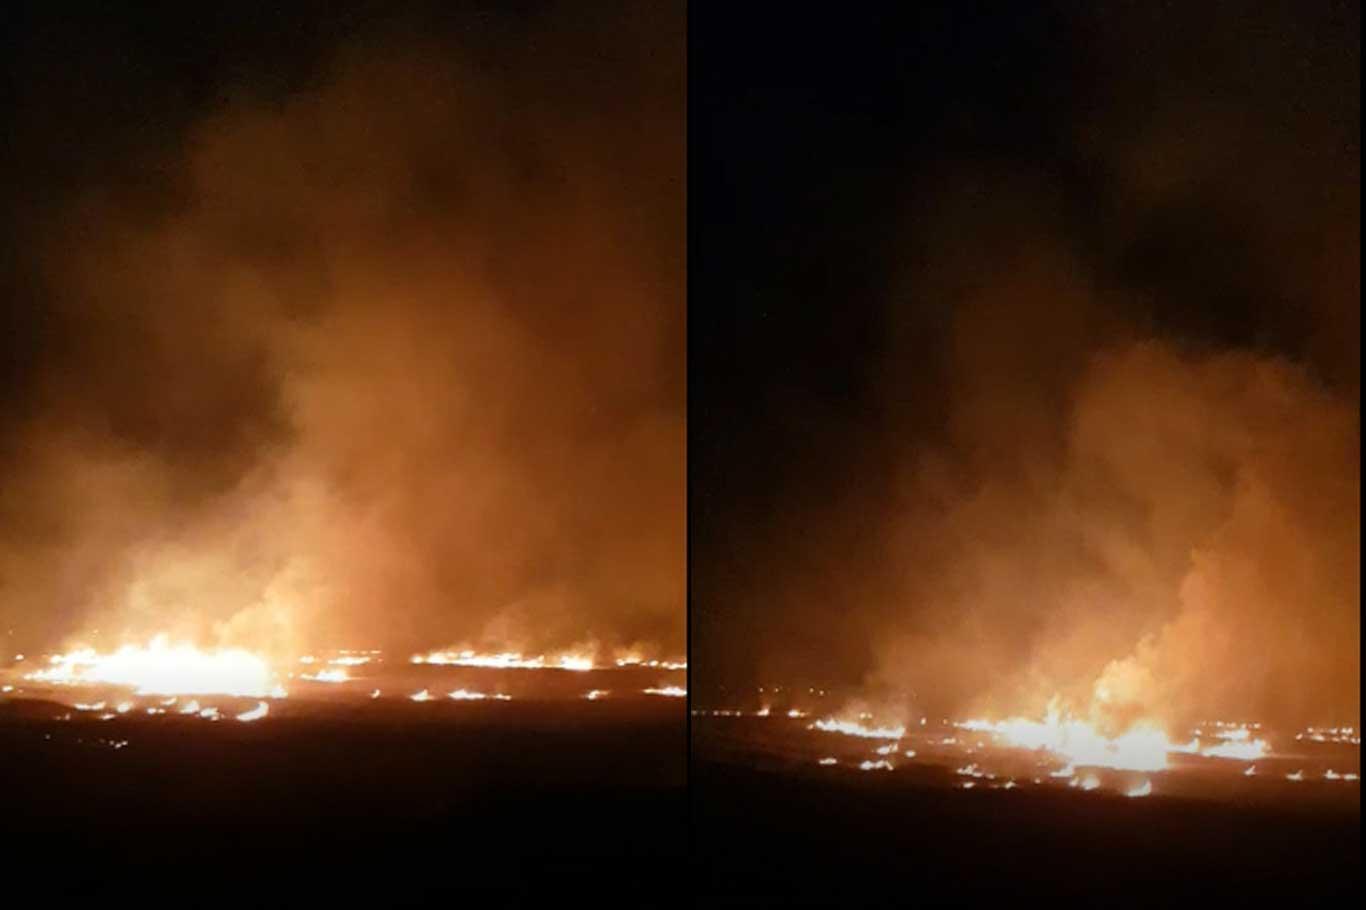 Şanlıurfa Harran'da uyarılara rağmen anız yangınları devam ediyor